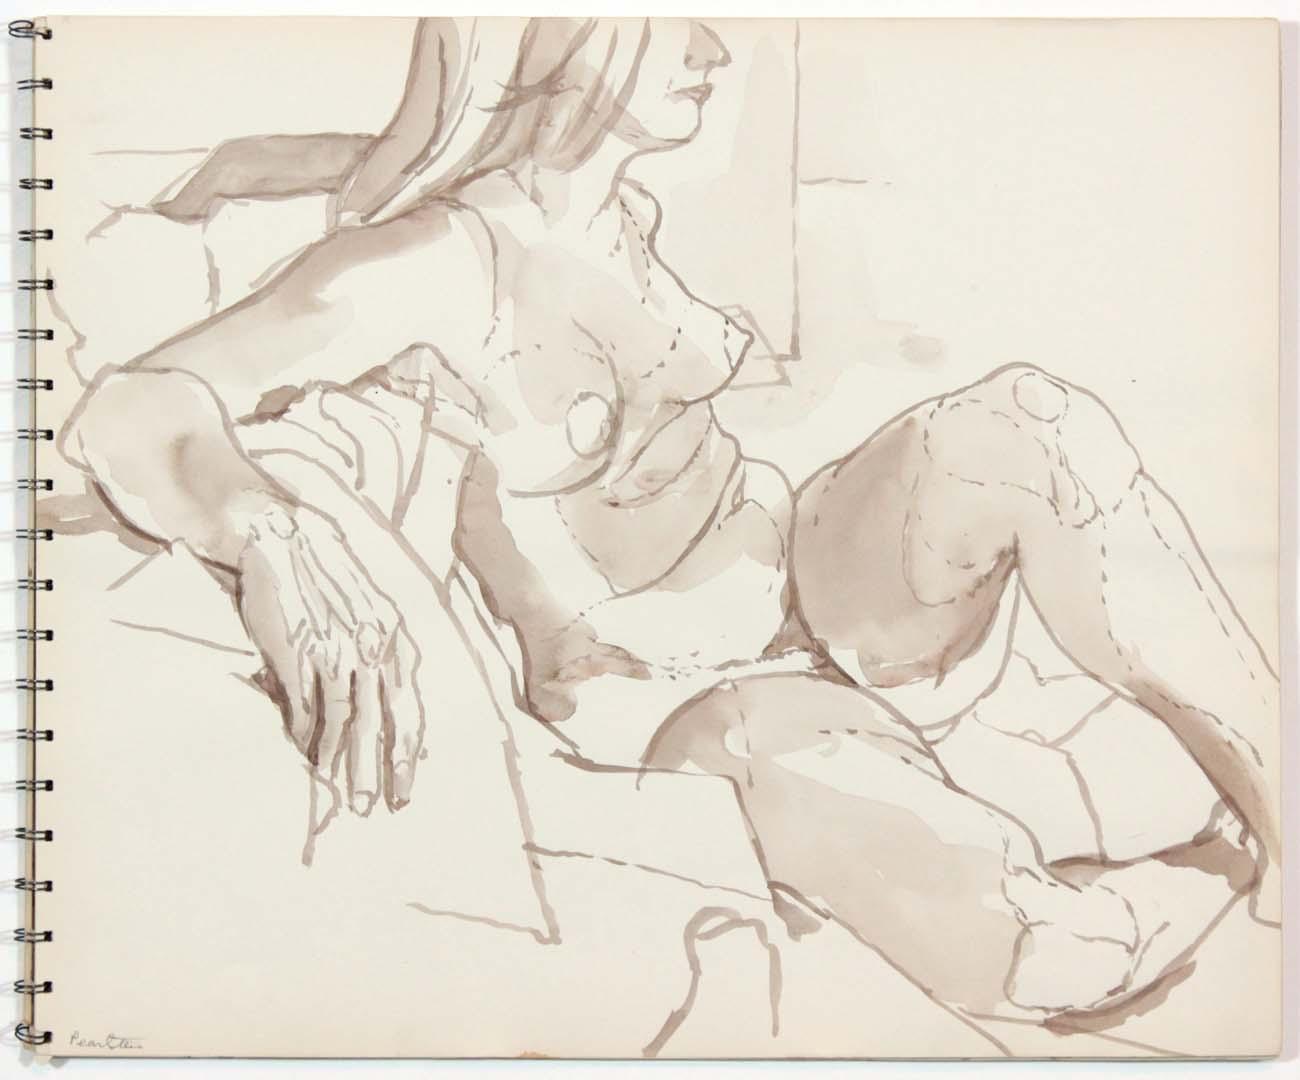 1962 Untitled Wash 13.875 x 16.75